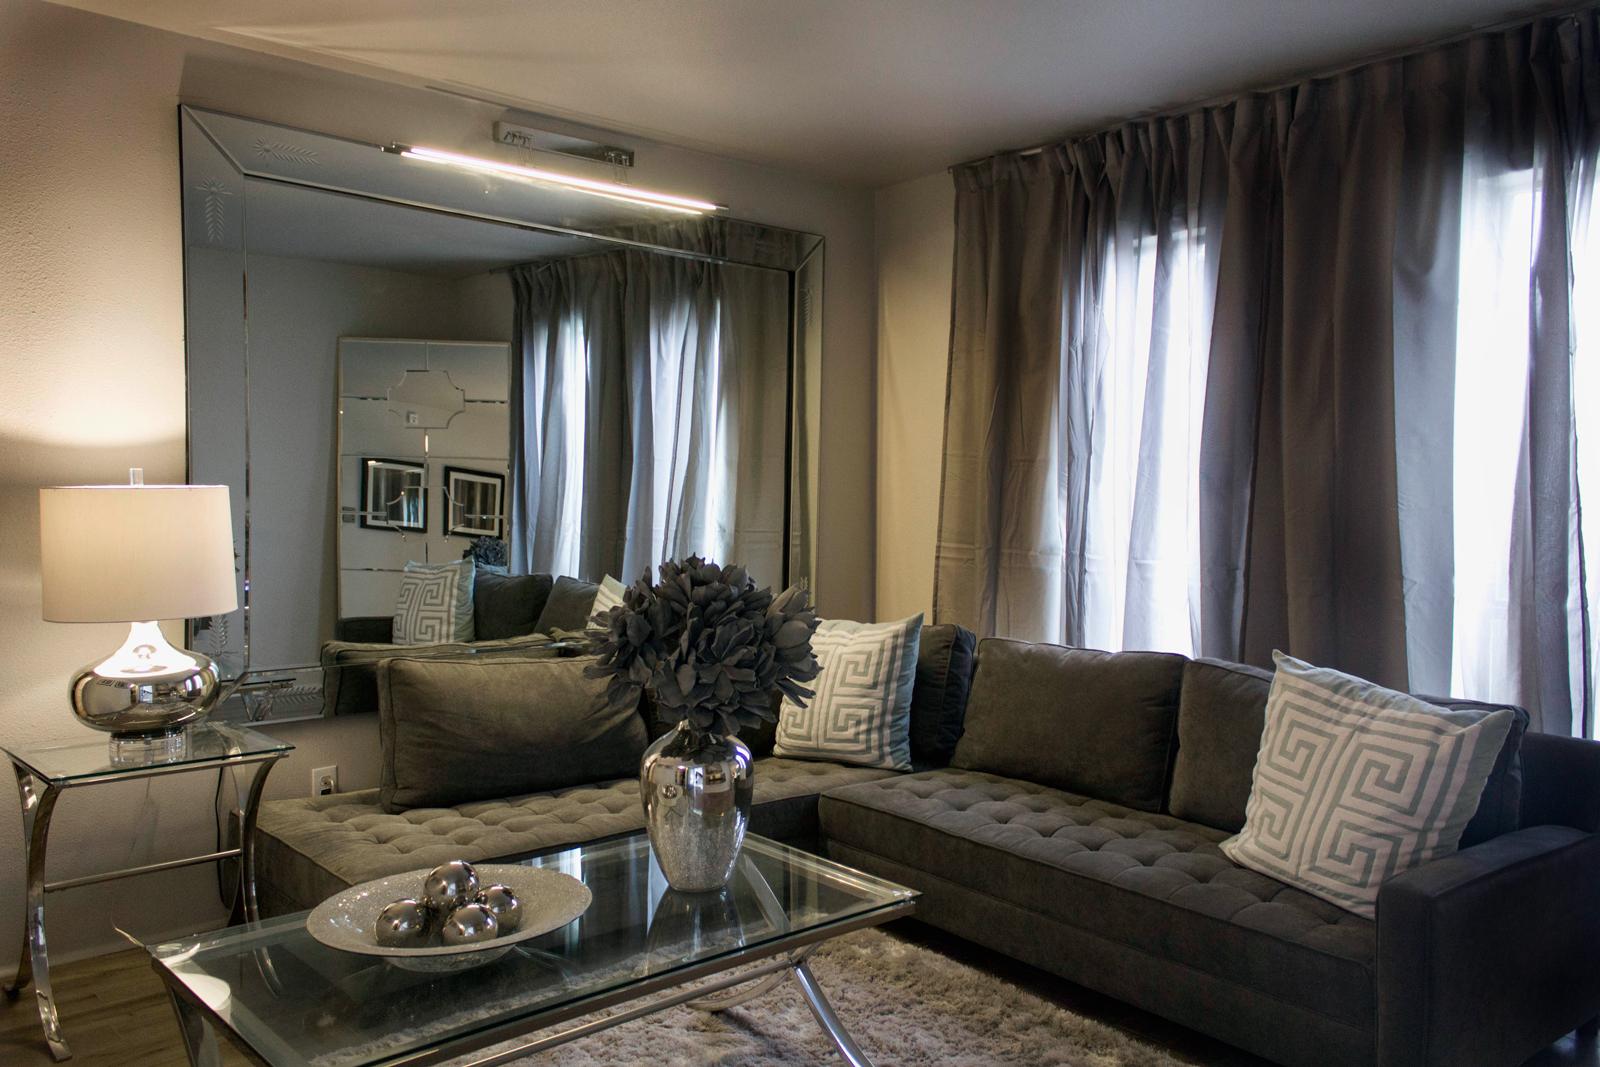 8-5200-12-020-(ORCHID-1-1)-Living-Room-e.jpg